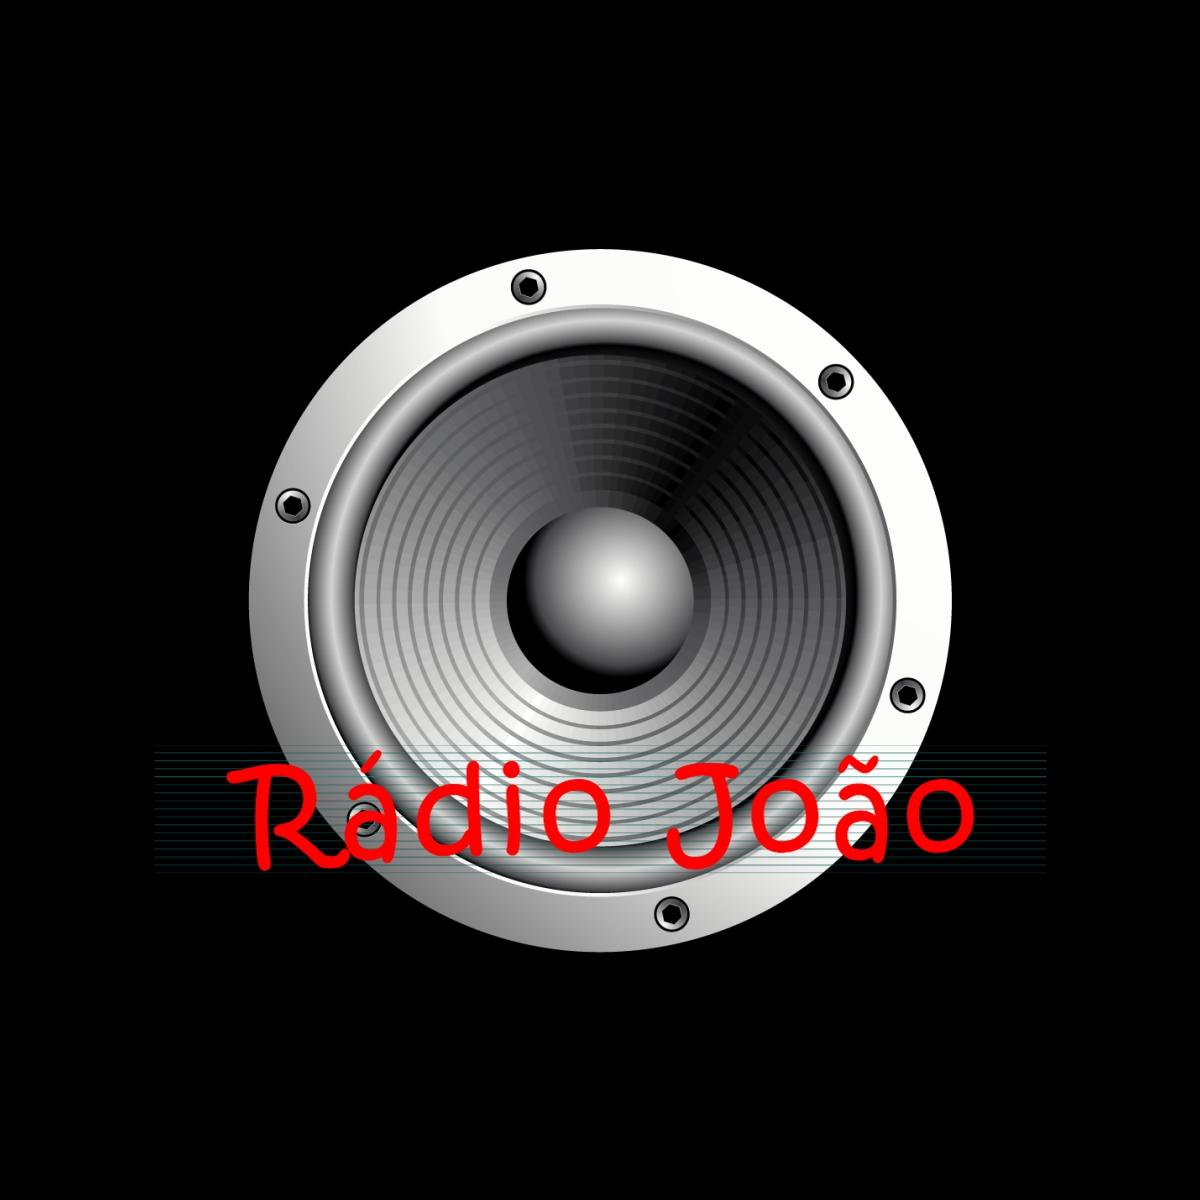 RADIO JOAO